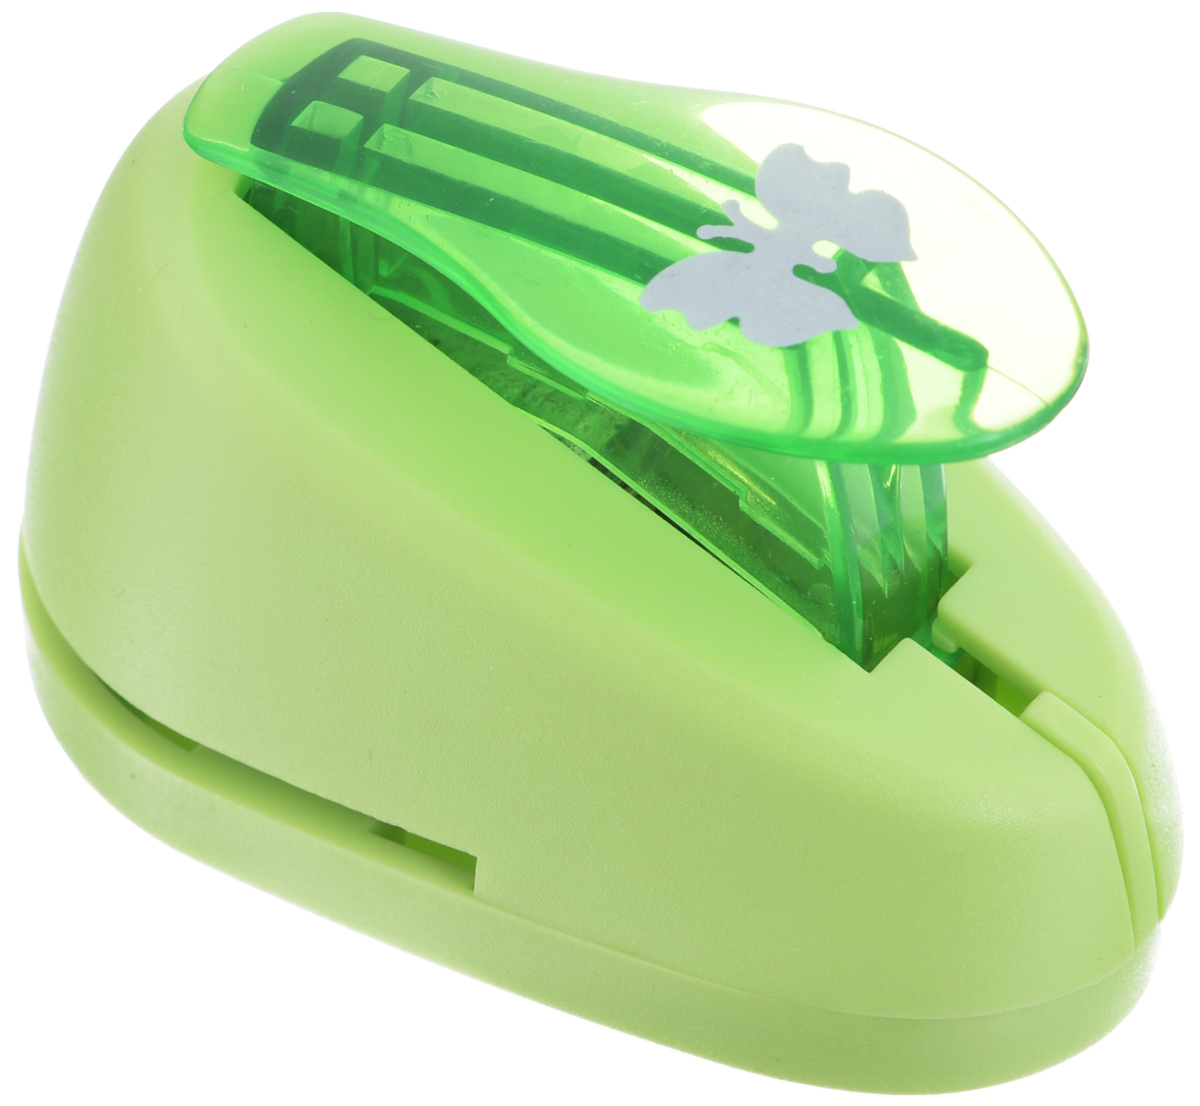 Дырокол фигурный Hobbyboom Бабочка, №327, цвет: зеленый, 1,8 см х 1,3 смCD-99S-327_зеленыйФигурный дырокол Hobbyboom Бабочка предназначен для создания творческихработ в технике скрапбукинг. С его помощью можно оригинально оформитьоткрытки, украсить подарочные коробки, конверты, фотоальбомы.Дырокол вырезает из бумаги идеально ровные фигурки в виде бабочек, такжеиспользуется для прорезания фигурных отверстий в бумаге.Предназначен для бумаги определенной плотности - до 200 г/м2. При применениина бумаге большей плотности или на картоне дырокол быстро затупится. Чтобызаточить нож компостера, нужно прокомпостировать самую тонкую наждачку.Чтобы смазать режущий механизм - парафинированную бумагу.Порядок работы: вставьте лист бумаги или картона в дырокол и надавите рычаг. Размер вырезаемой части: 1,8 см х 1,3 см.